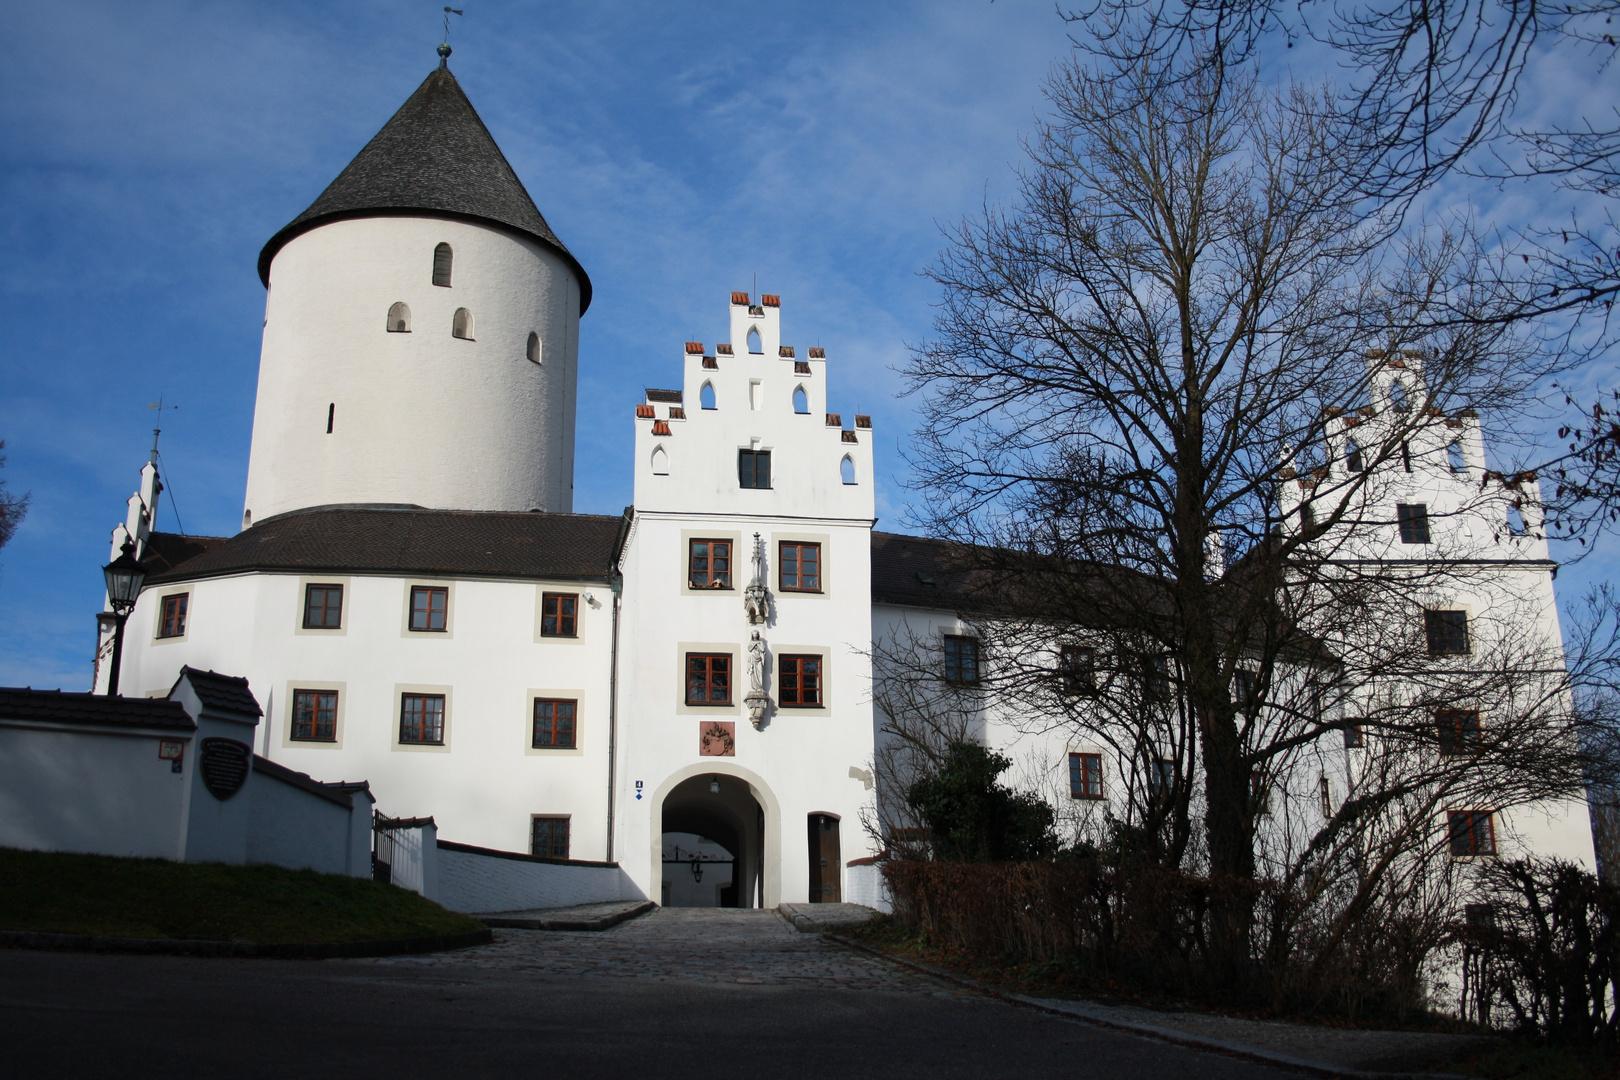 Schloss Kronwinkel